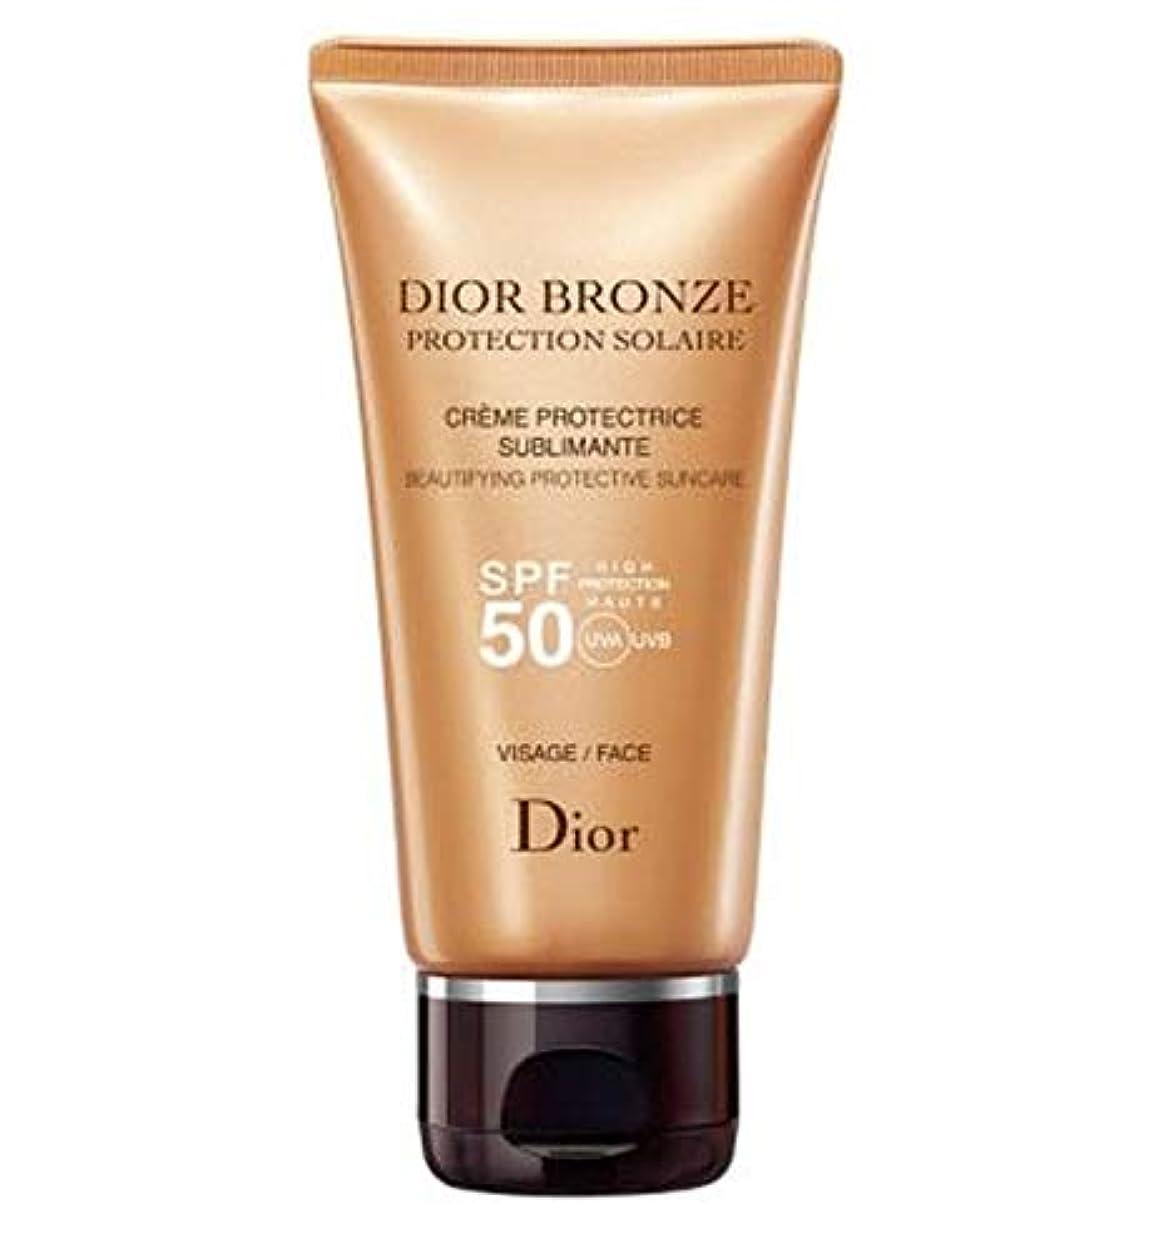 合唱団め言葉制限された[Dior] ディオールブロンズ日の保護高い保護クリームSpf50顔 - 50ミリリットル - Dior Bronze Sun Protection High Protection Cream Spf50 Face -...